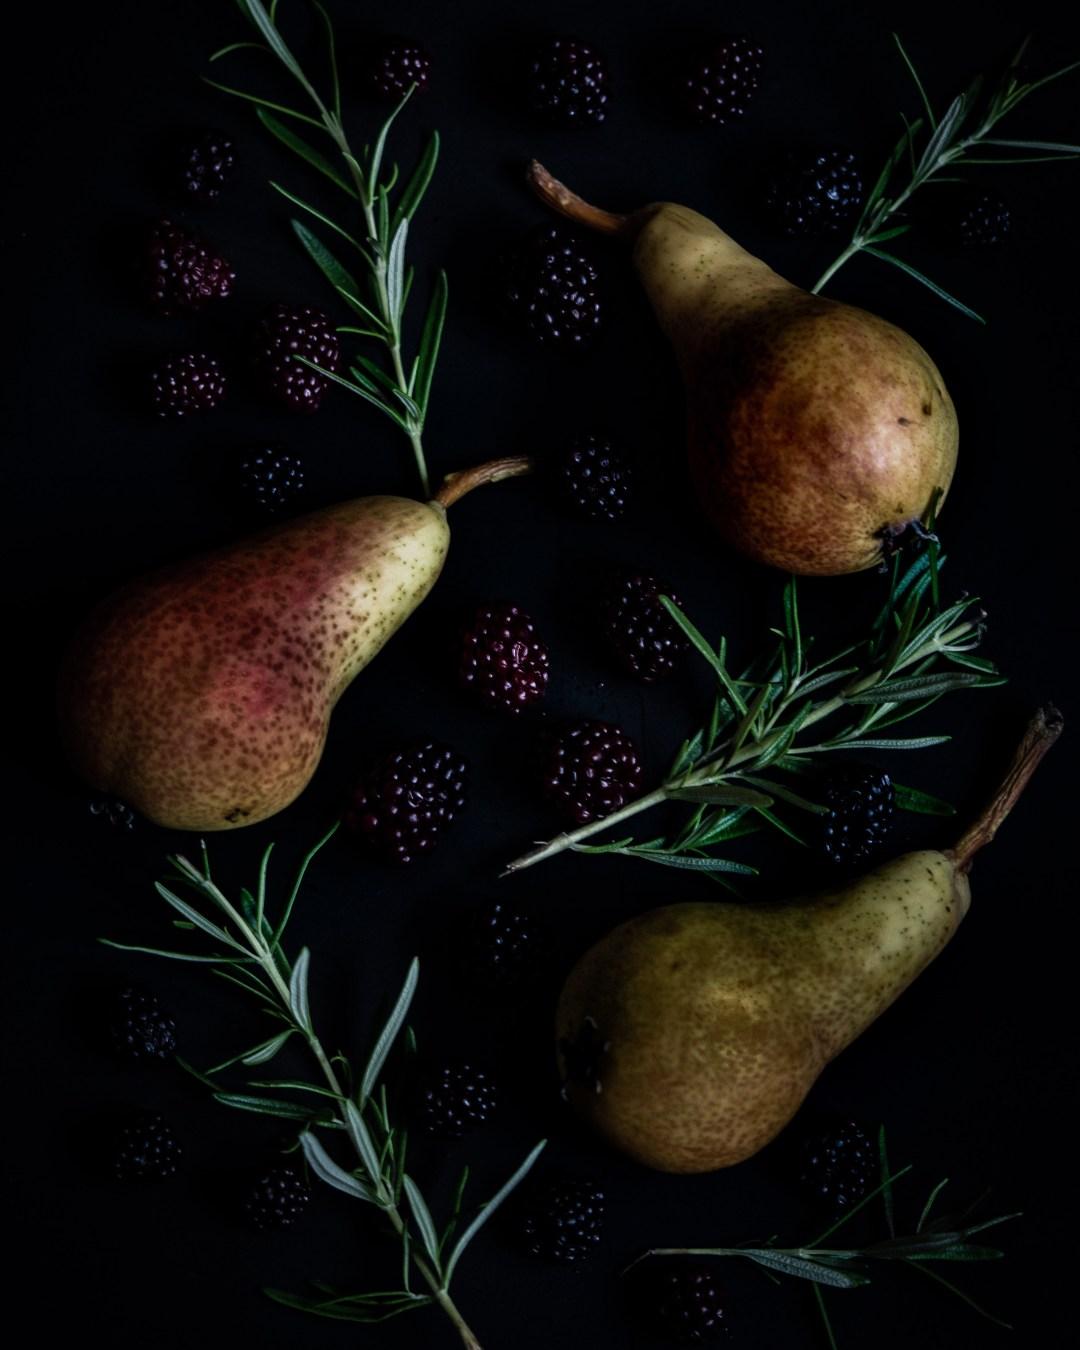 päron och björnbär